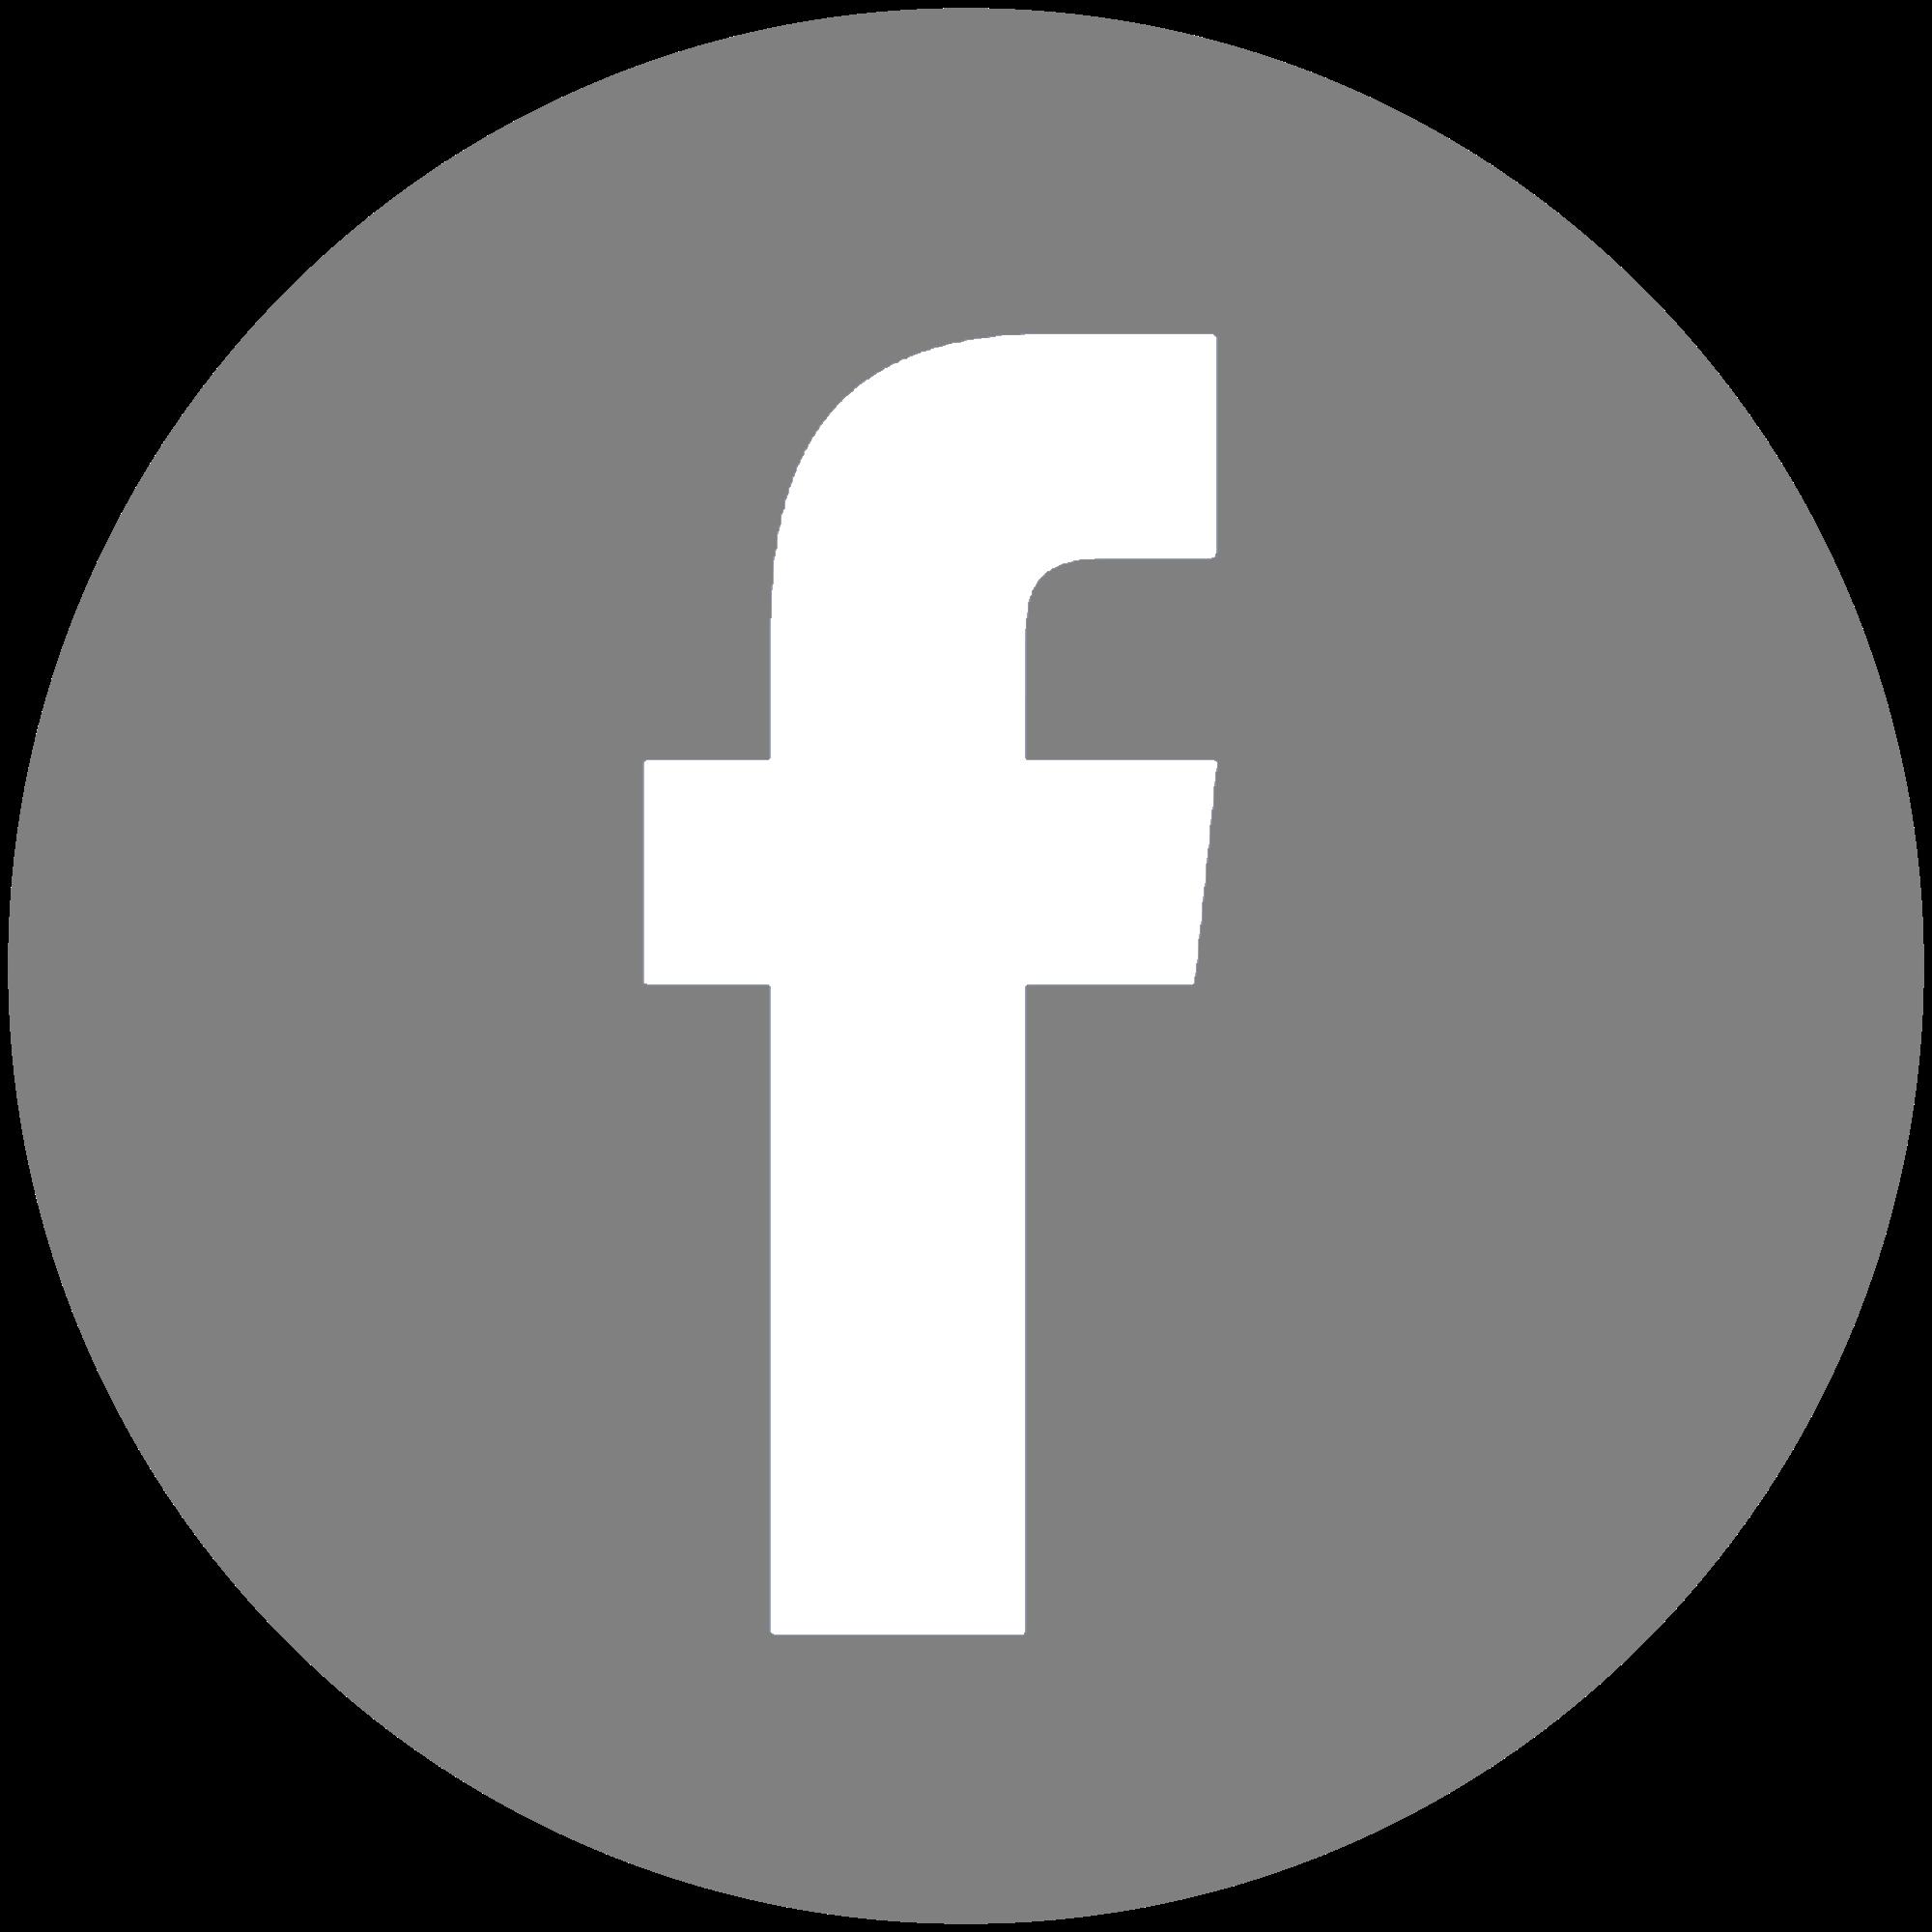 """Képtalálat a következőre: """"facebook symbol grey"""""""